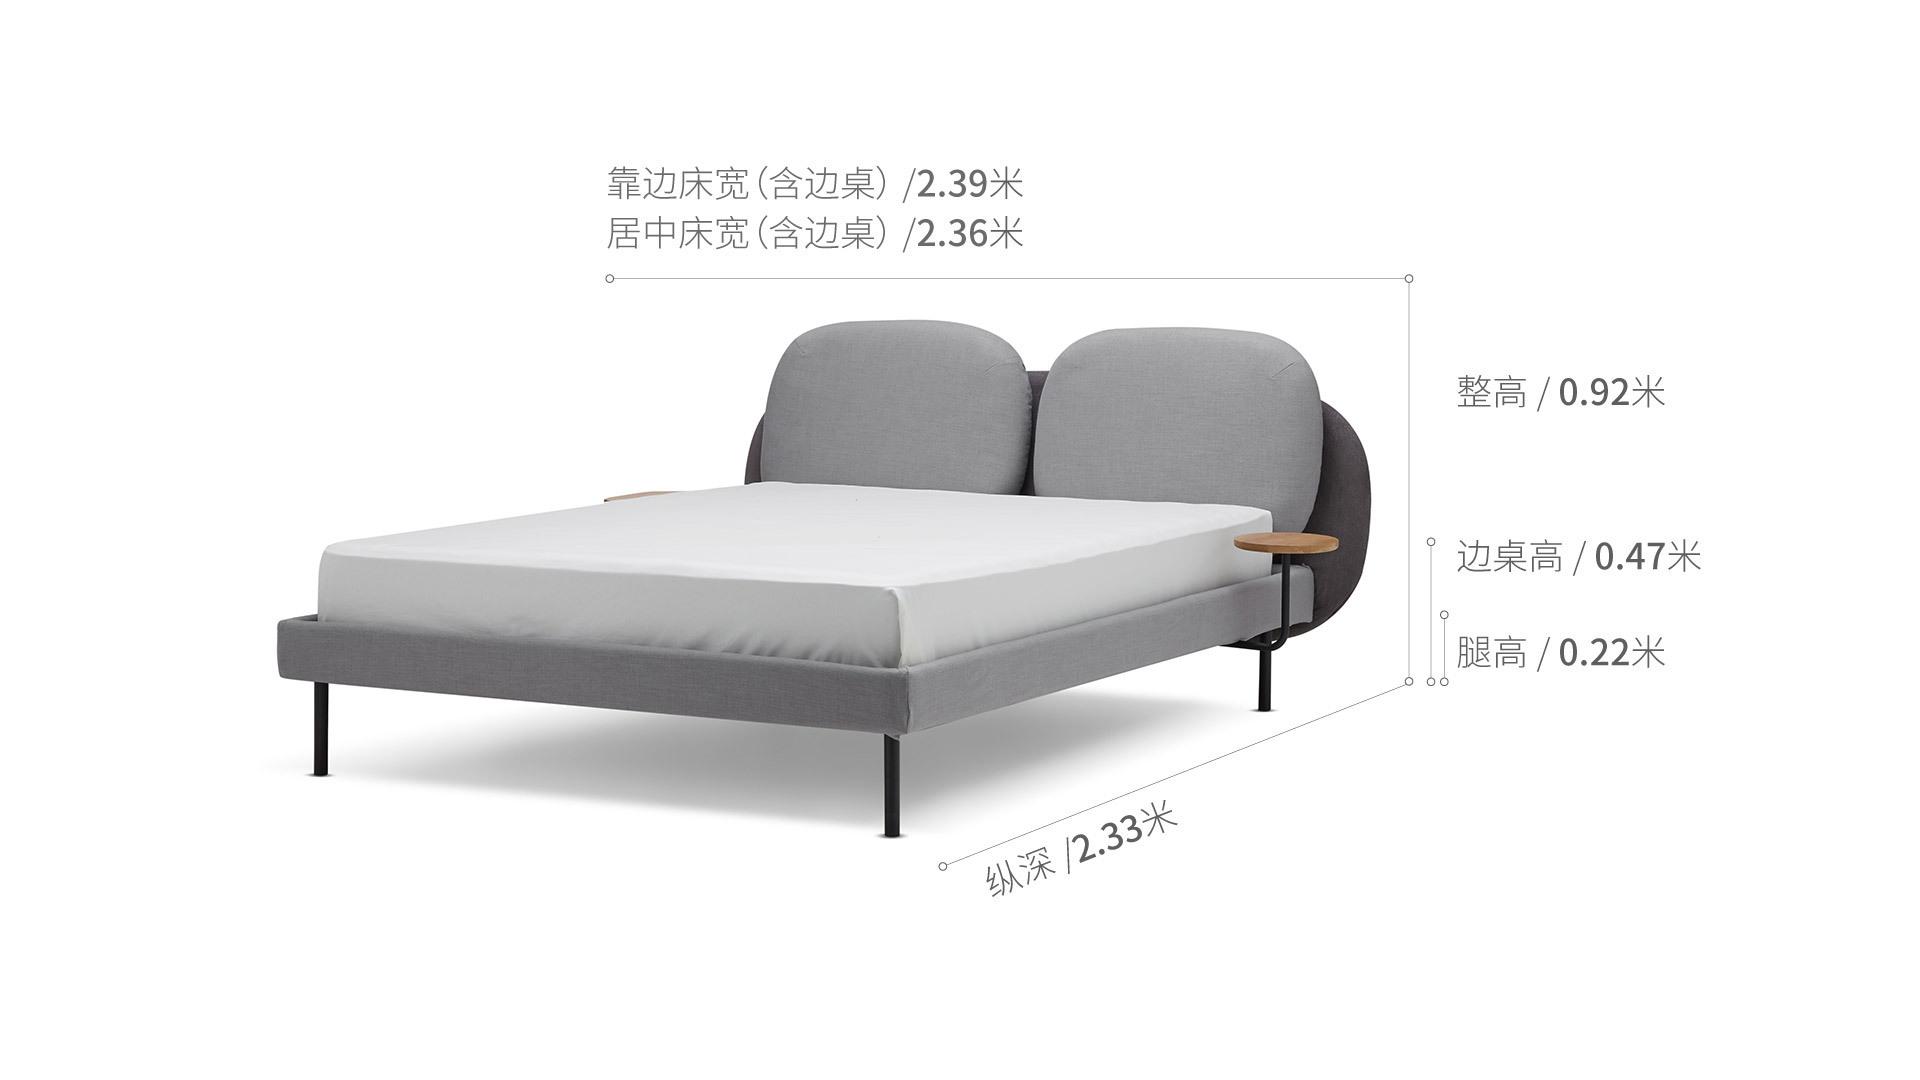 软糖床®1.8米款床·床具效果图